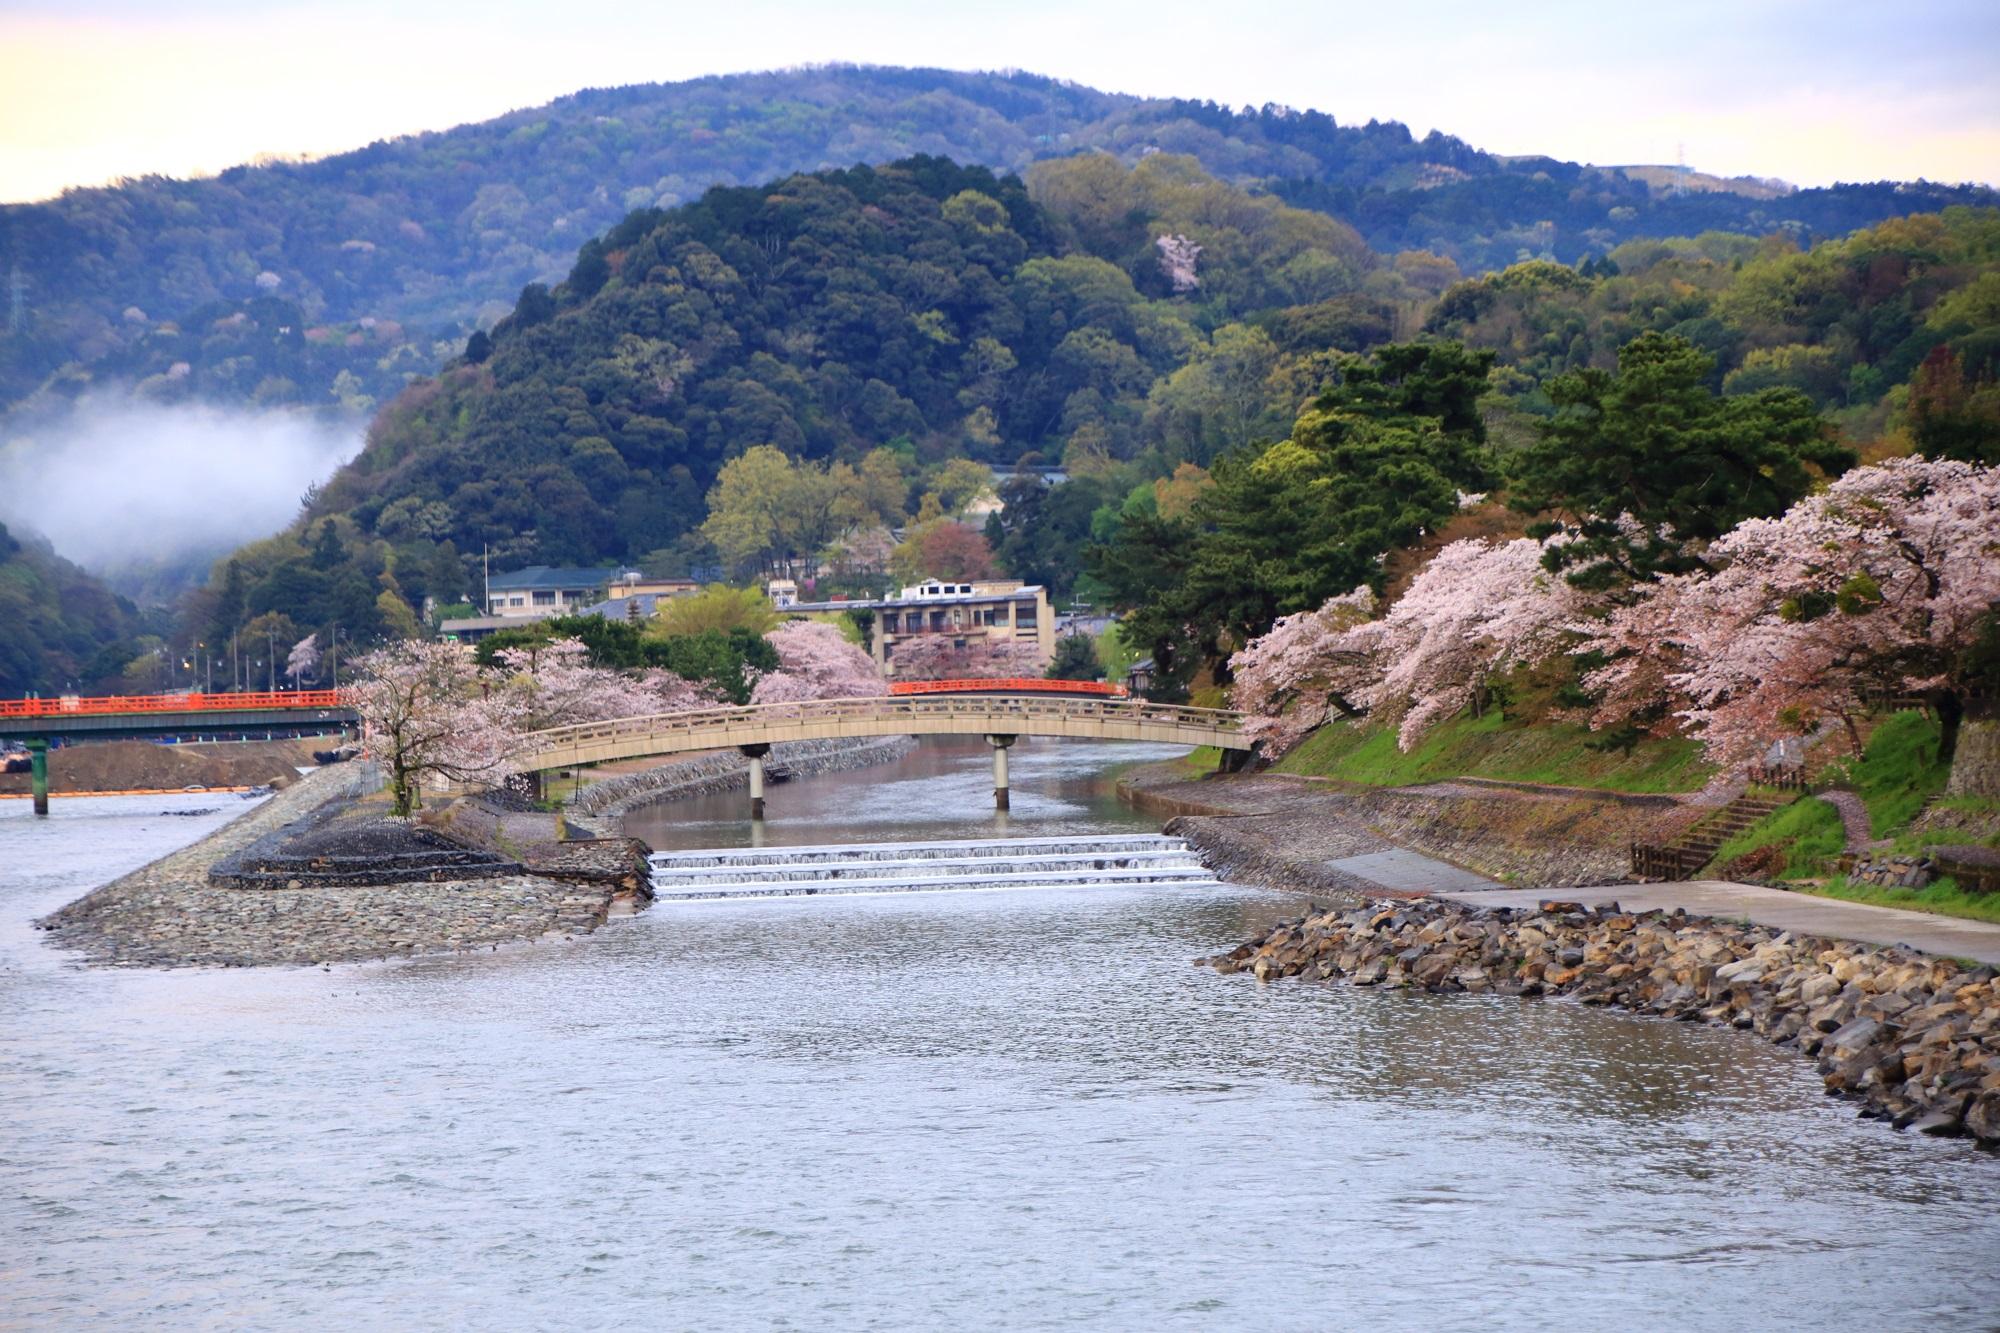 宇治橋から眺めた上流方面の宇治川と桜